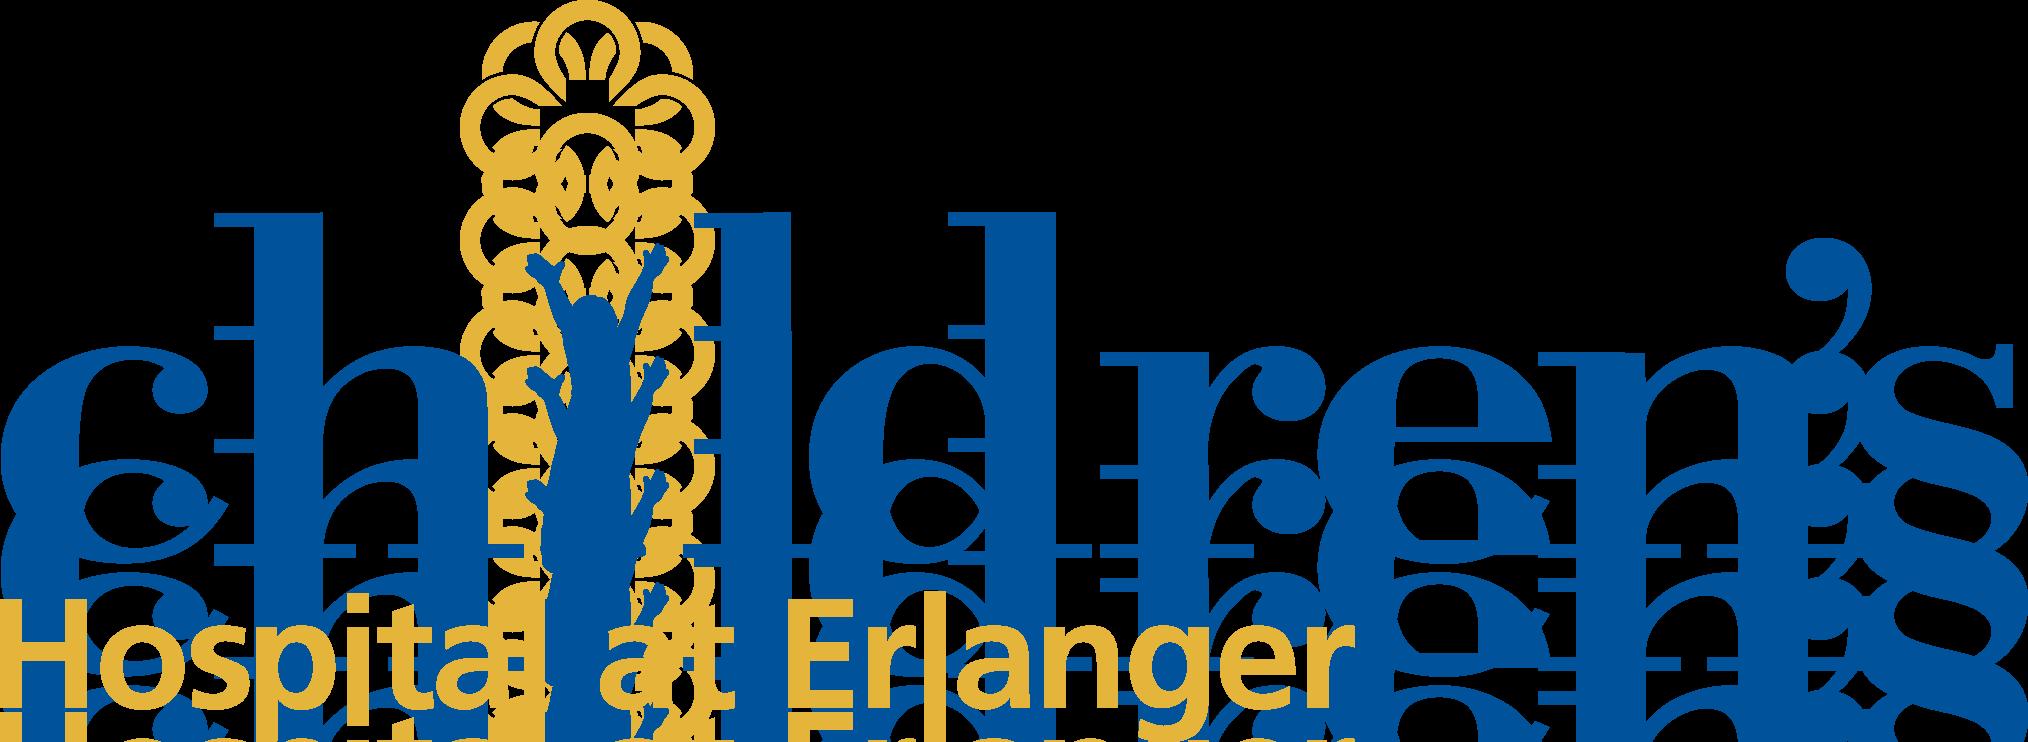 Pediatric Pulmonology Opportunity in Chattanooga, TN for Academic Children's Hospital - Children's Hospital at Erlanger